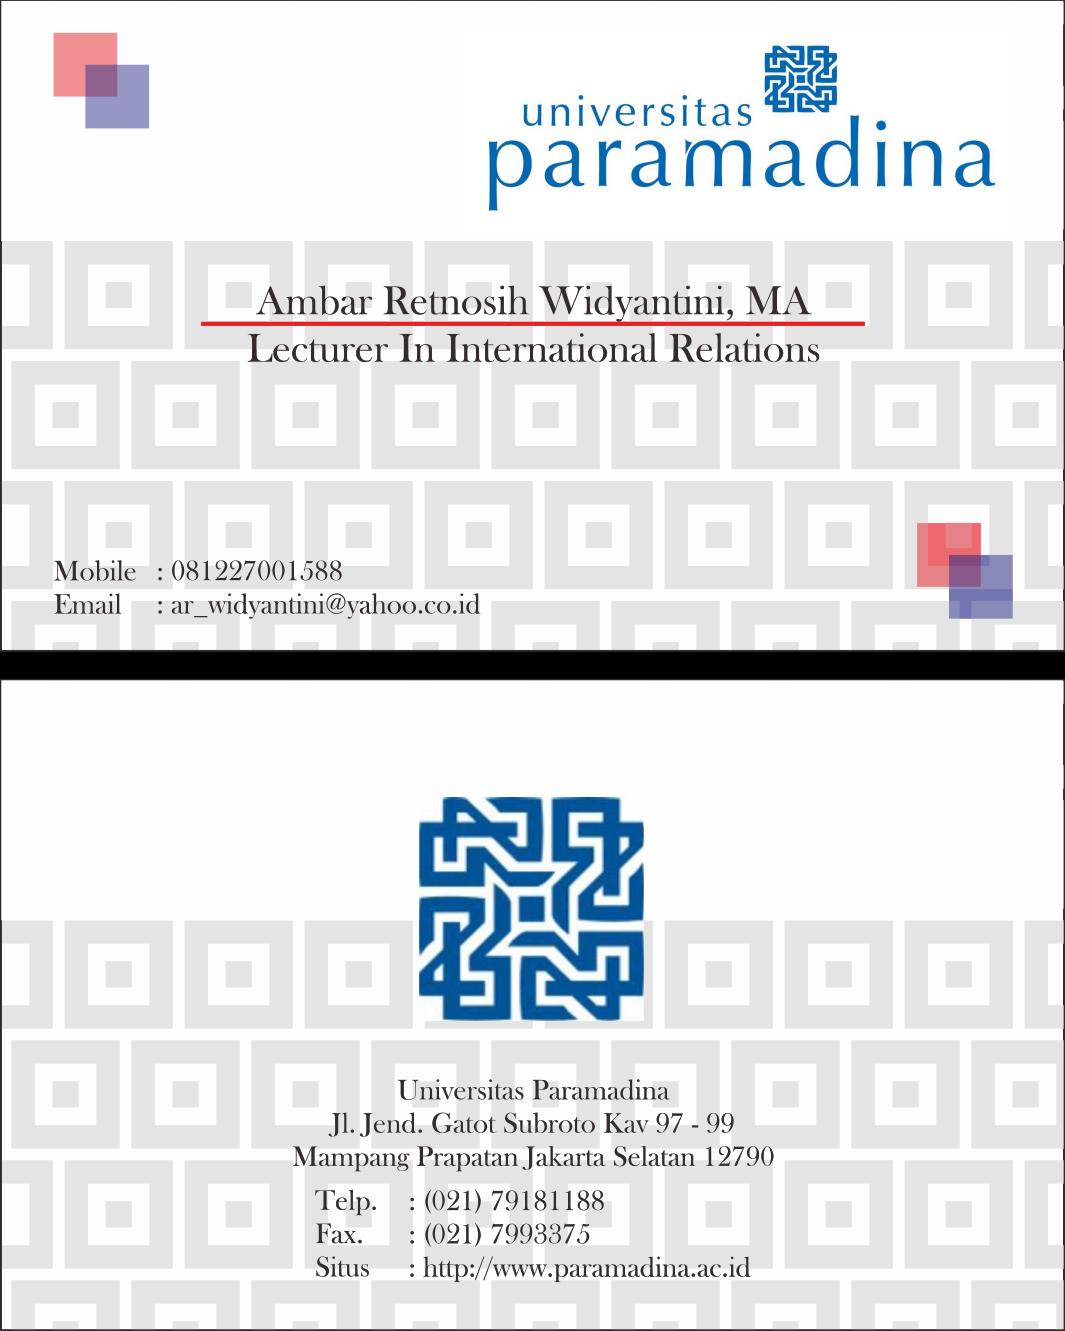 Cetak Kartu Nama Dosen Universitas Paramadina ~ ROGJA